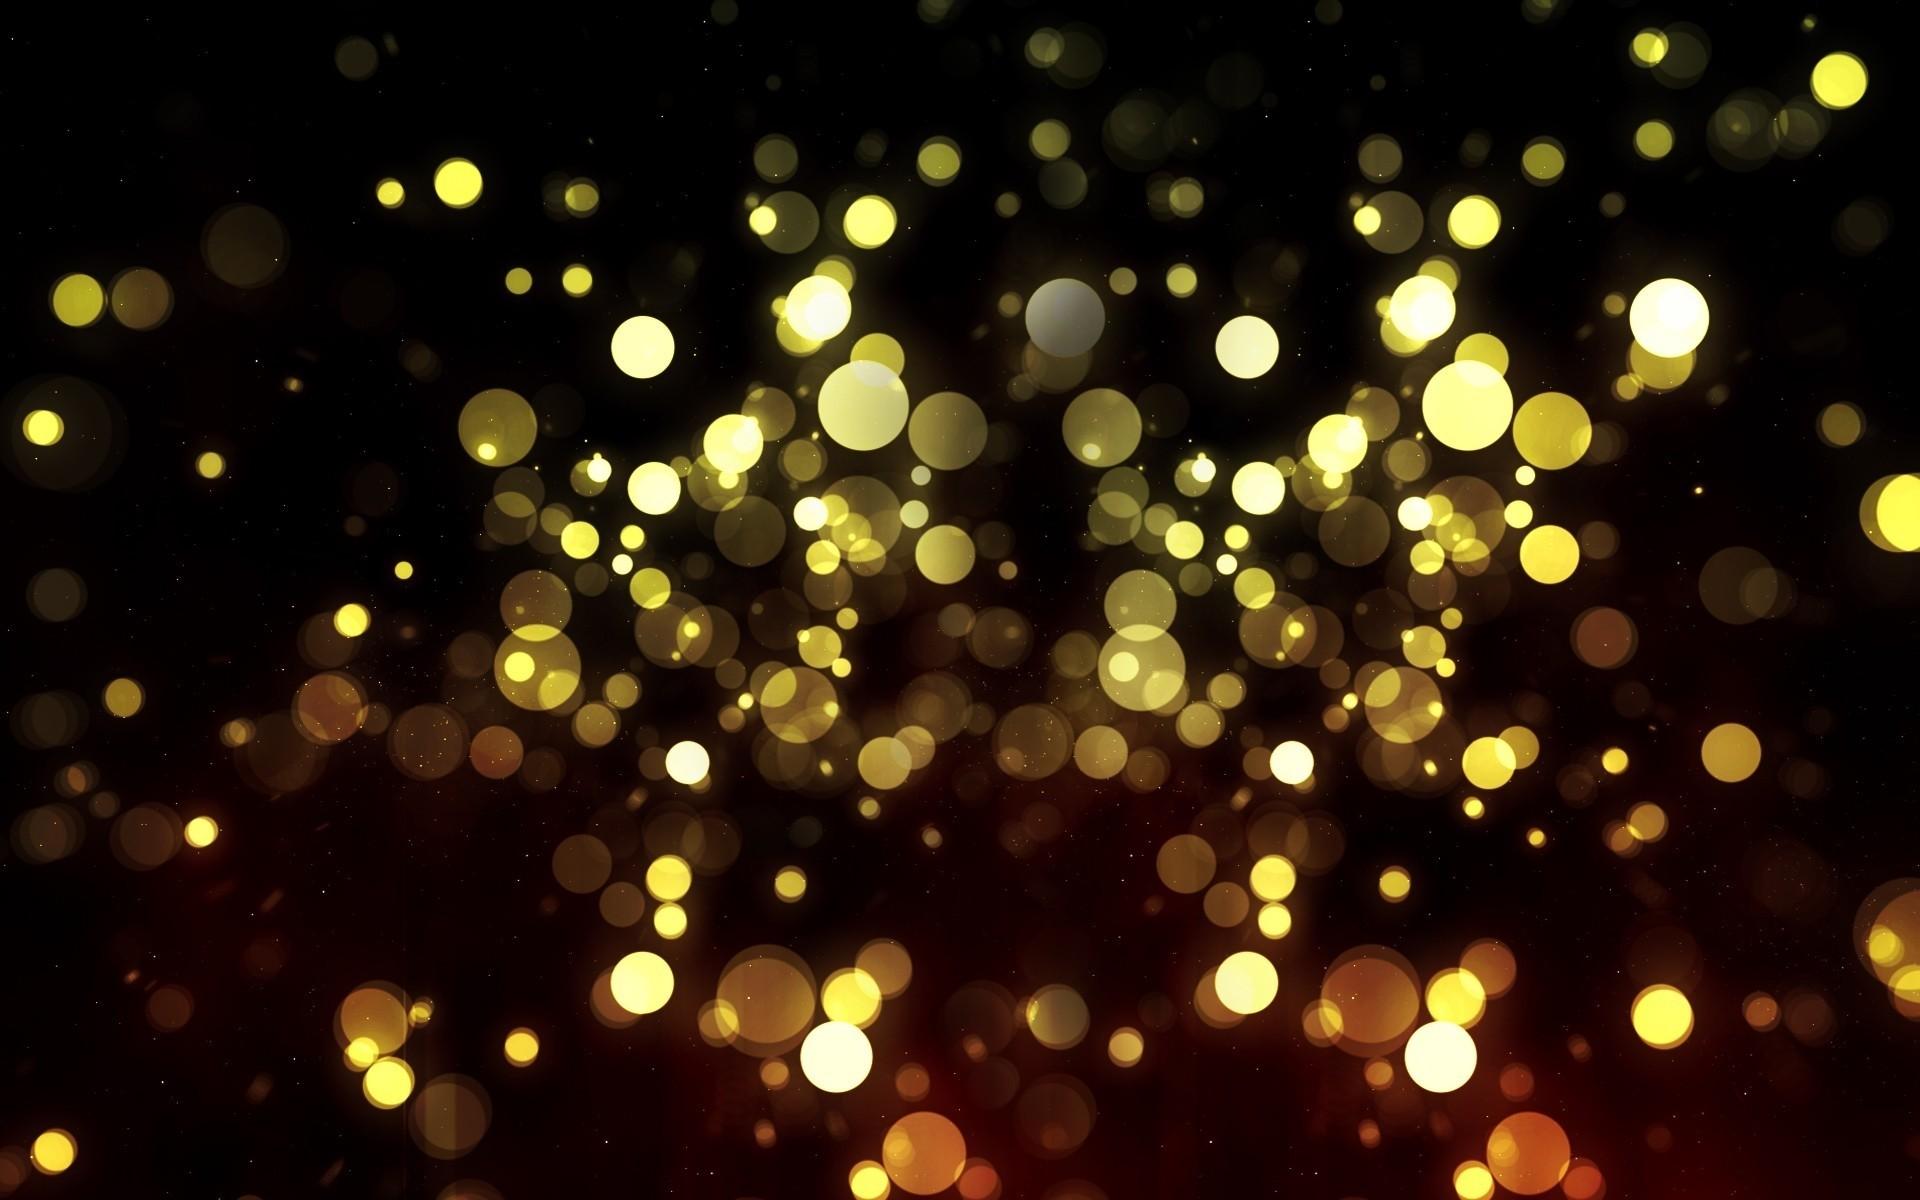 Золотые огни бесплатно